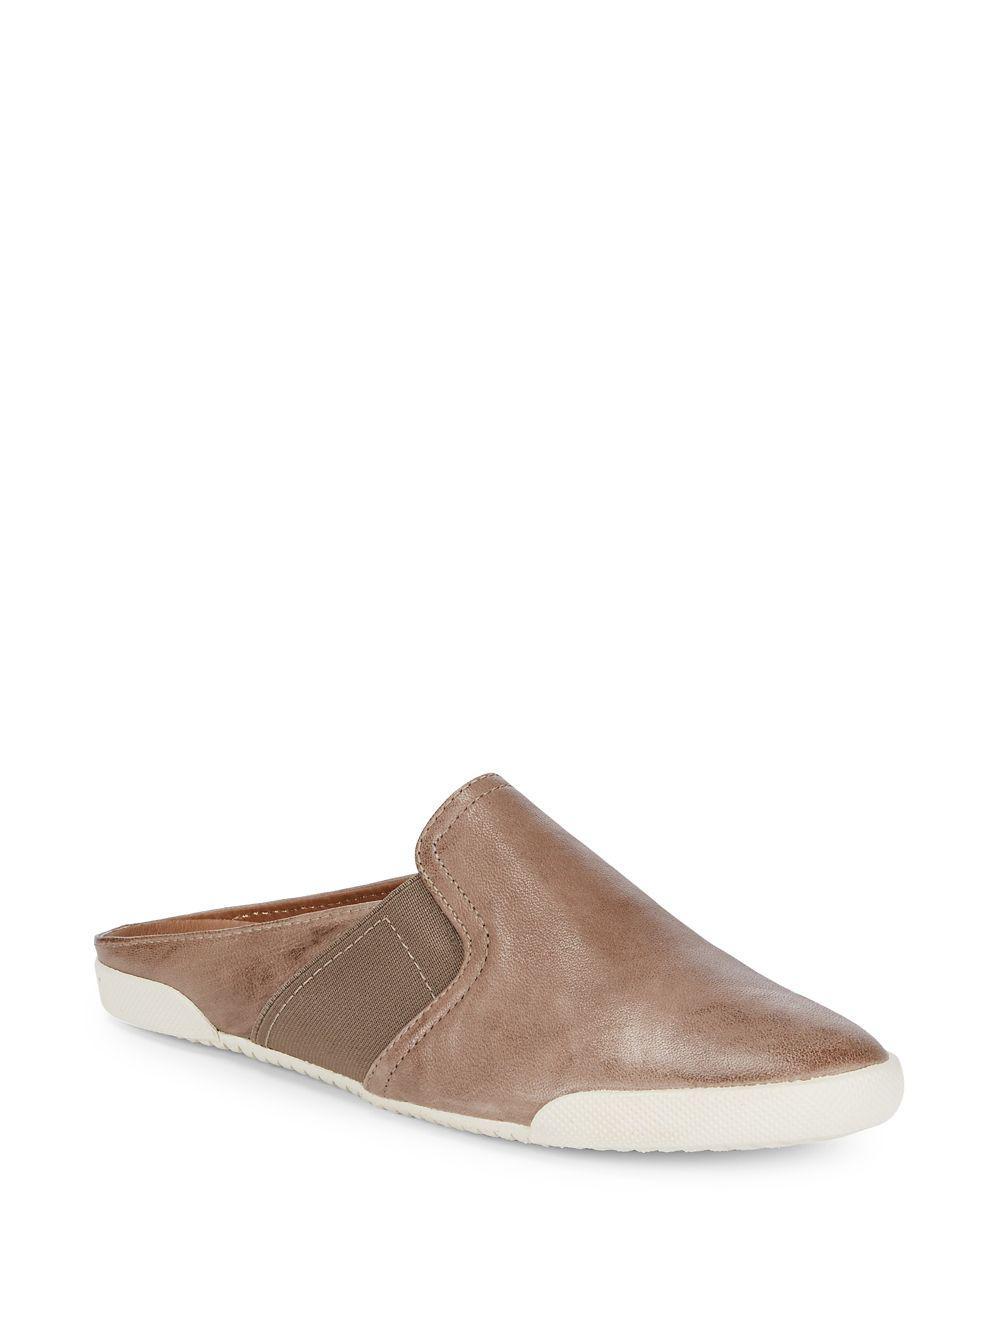 Melanie Gore Slip On Sneaker Mules EAGhivP4